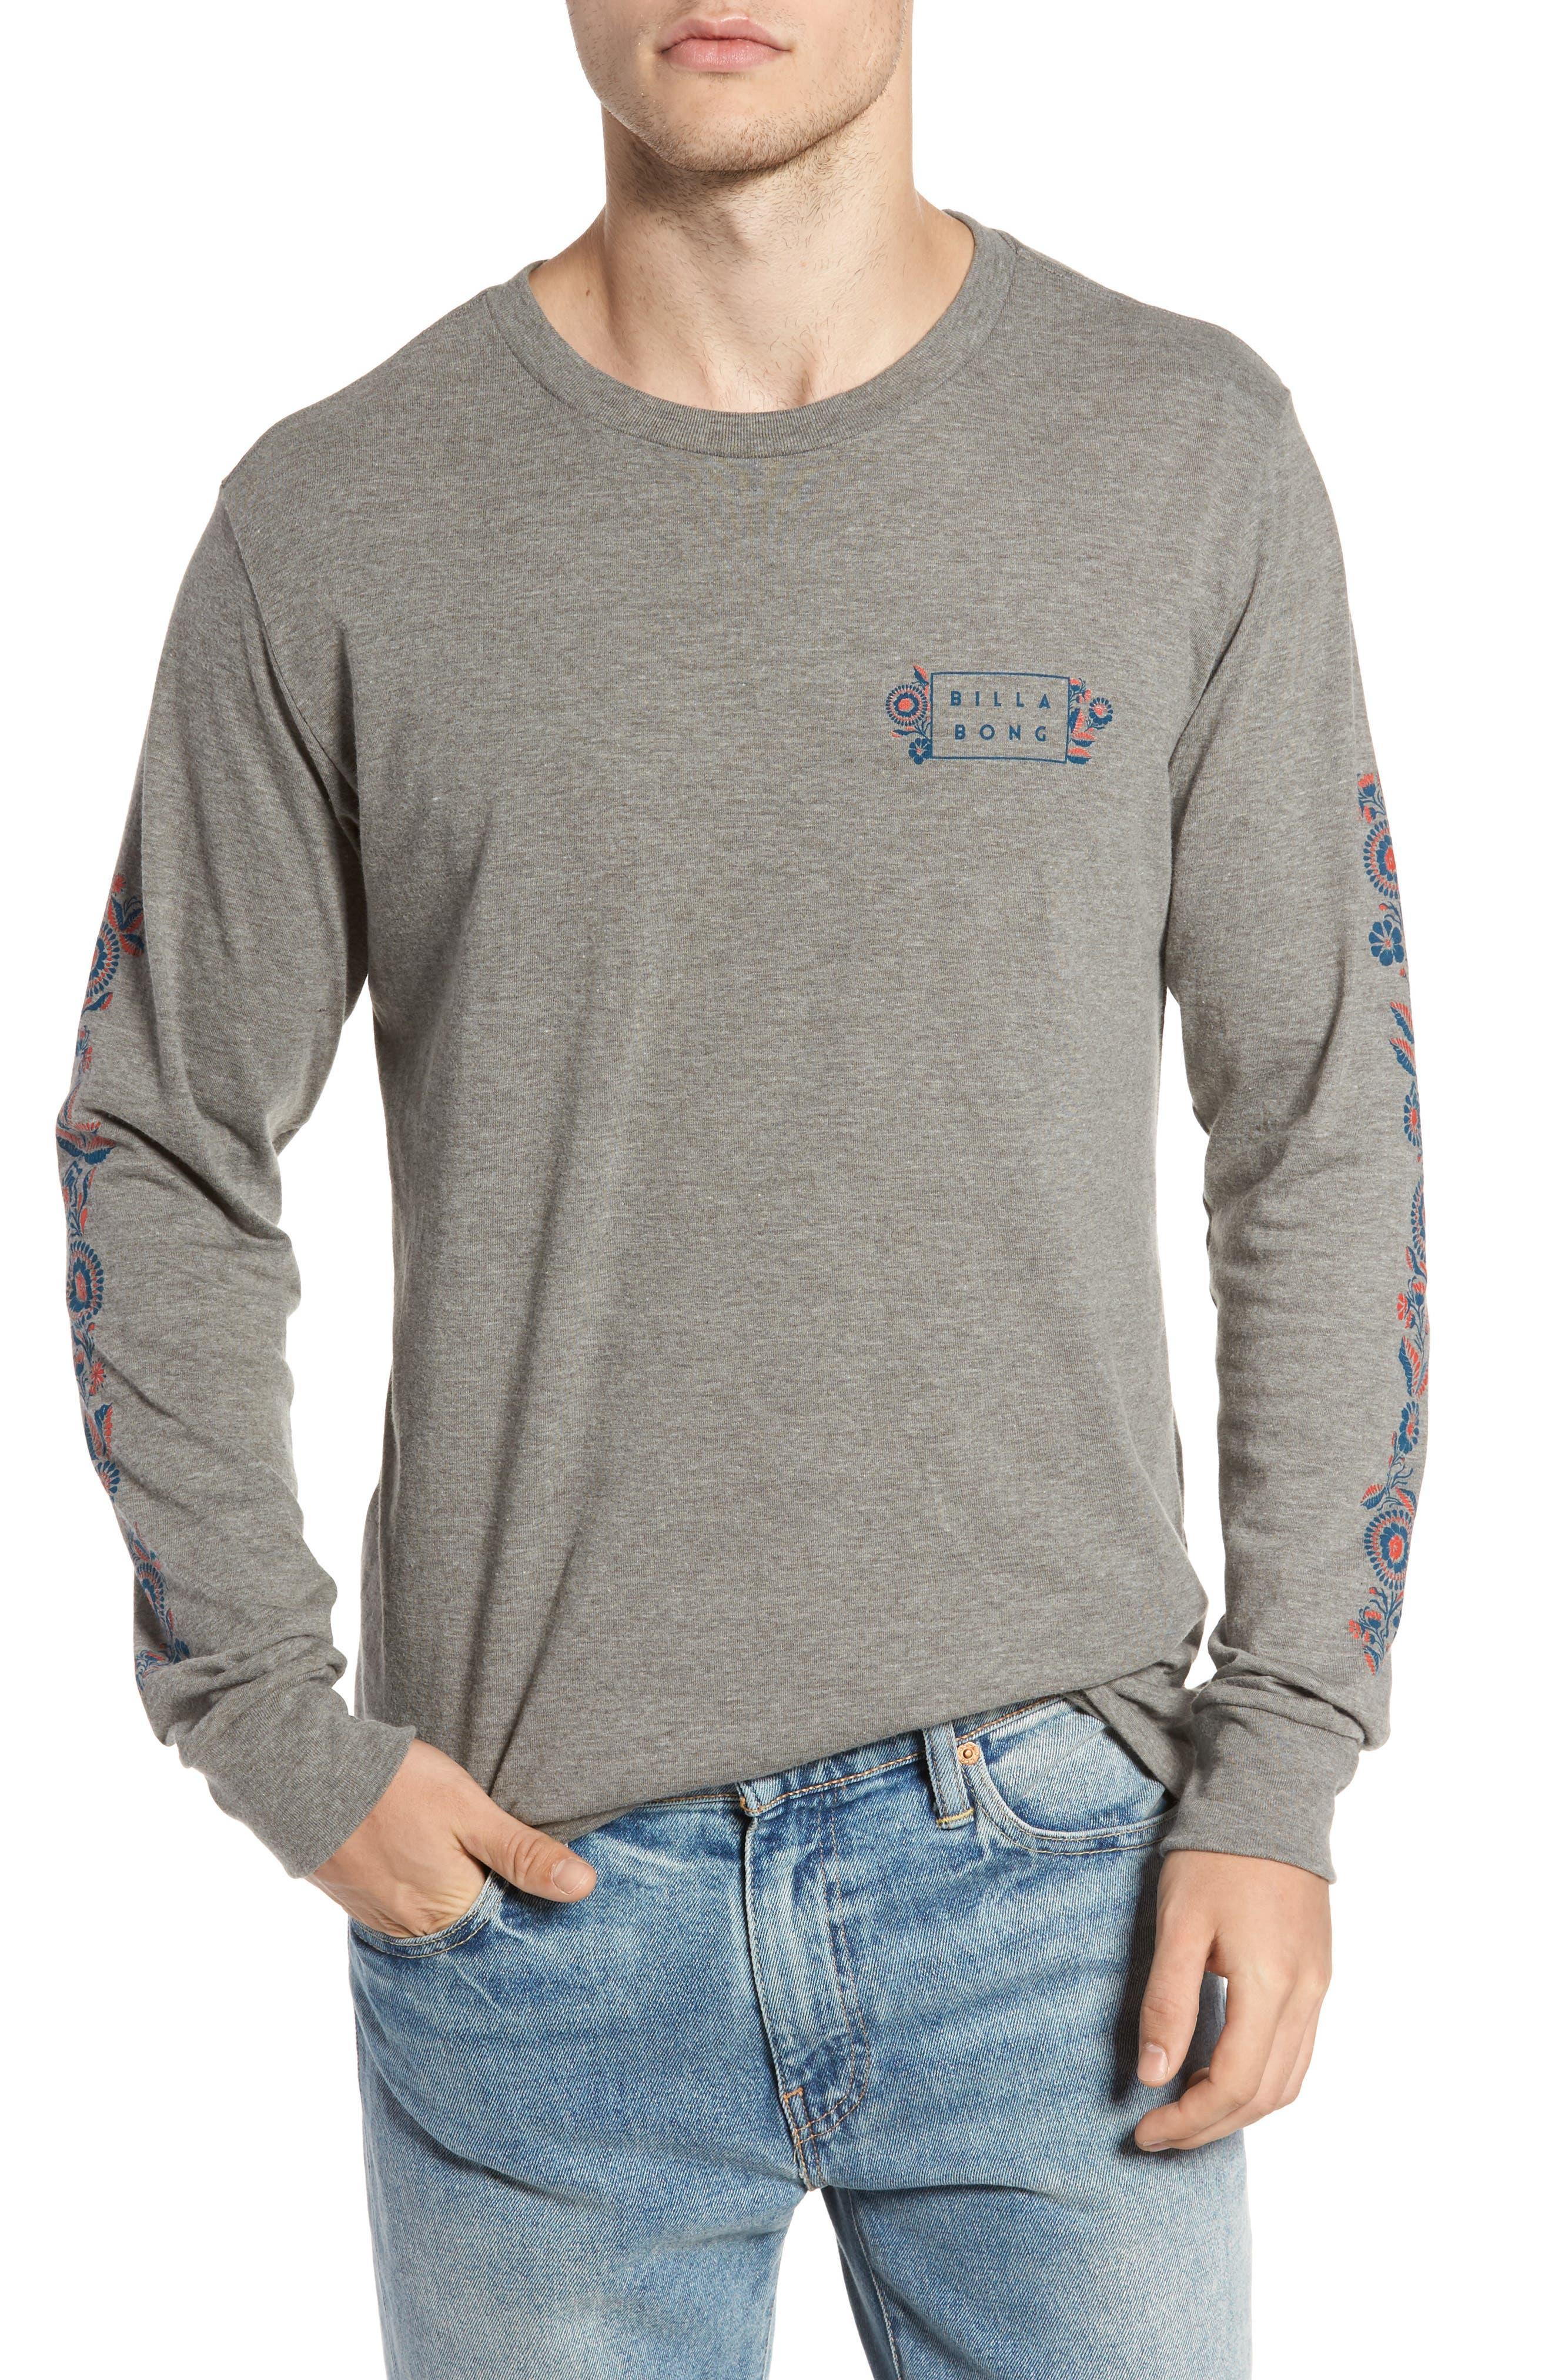 Billabong Mandala Long Sleeve T-Shirt